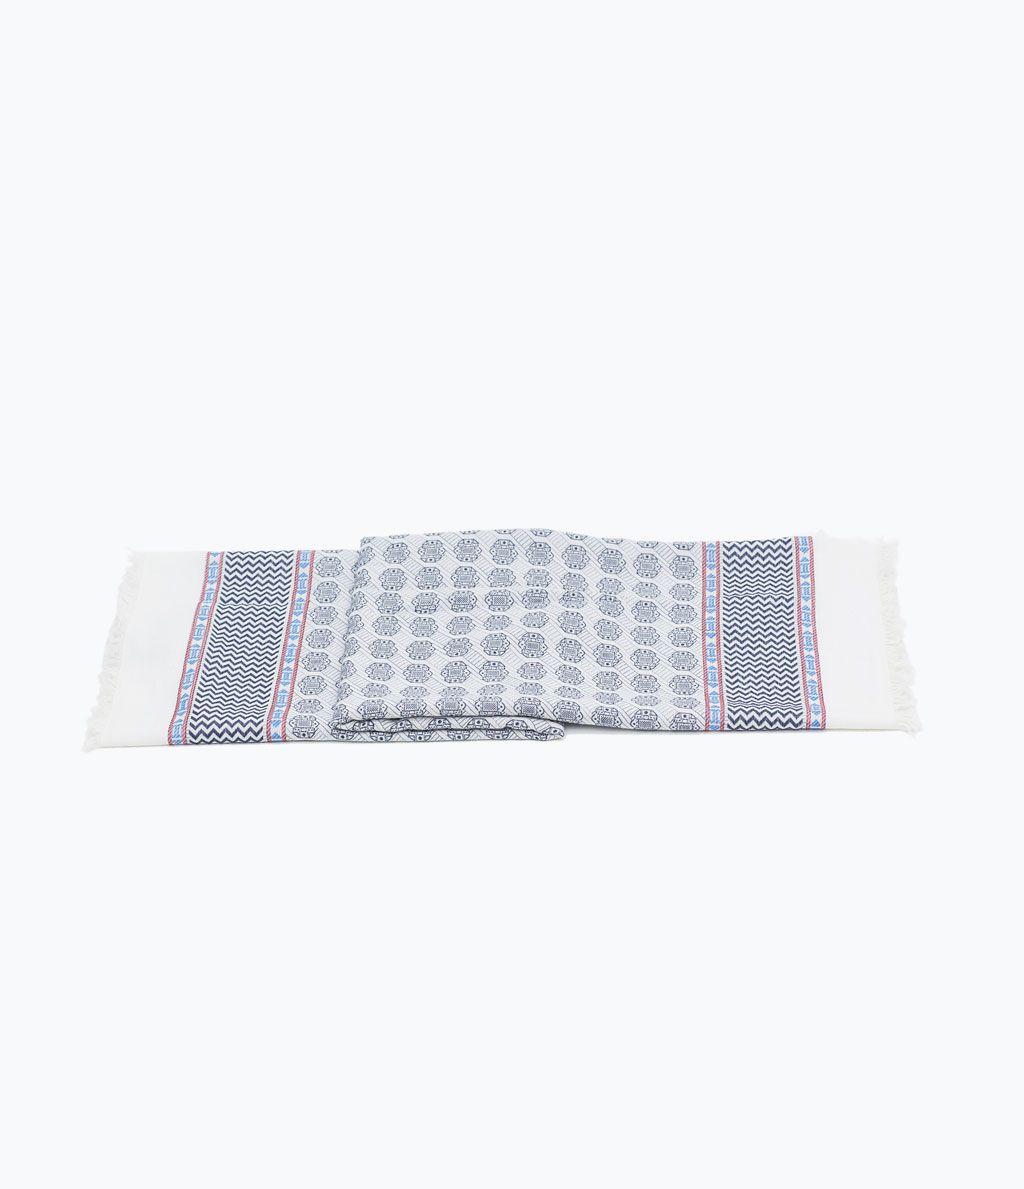 ZARA - NEW THIS WEEK - Geometric frayed scarf